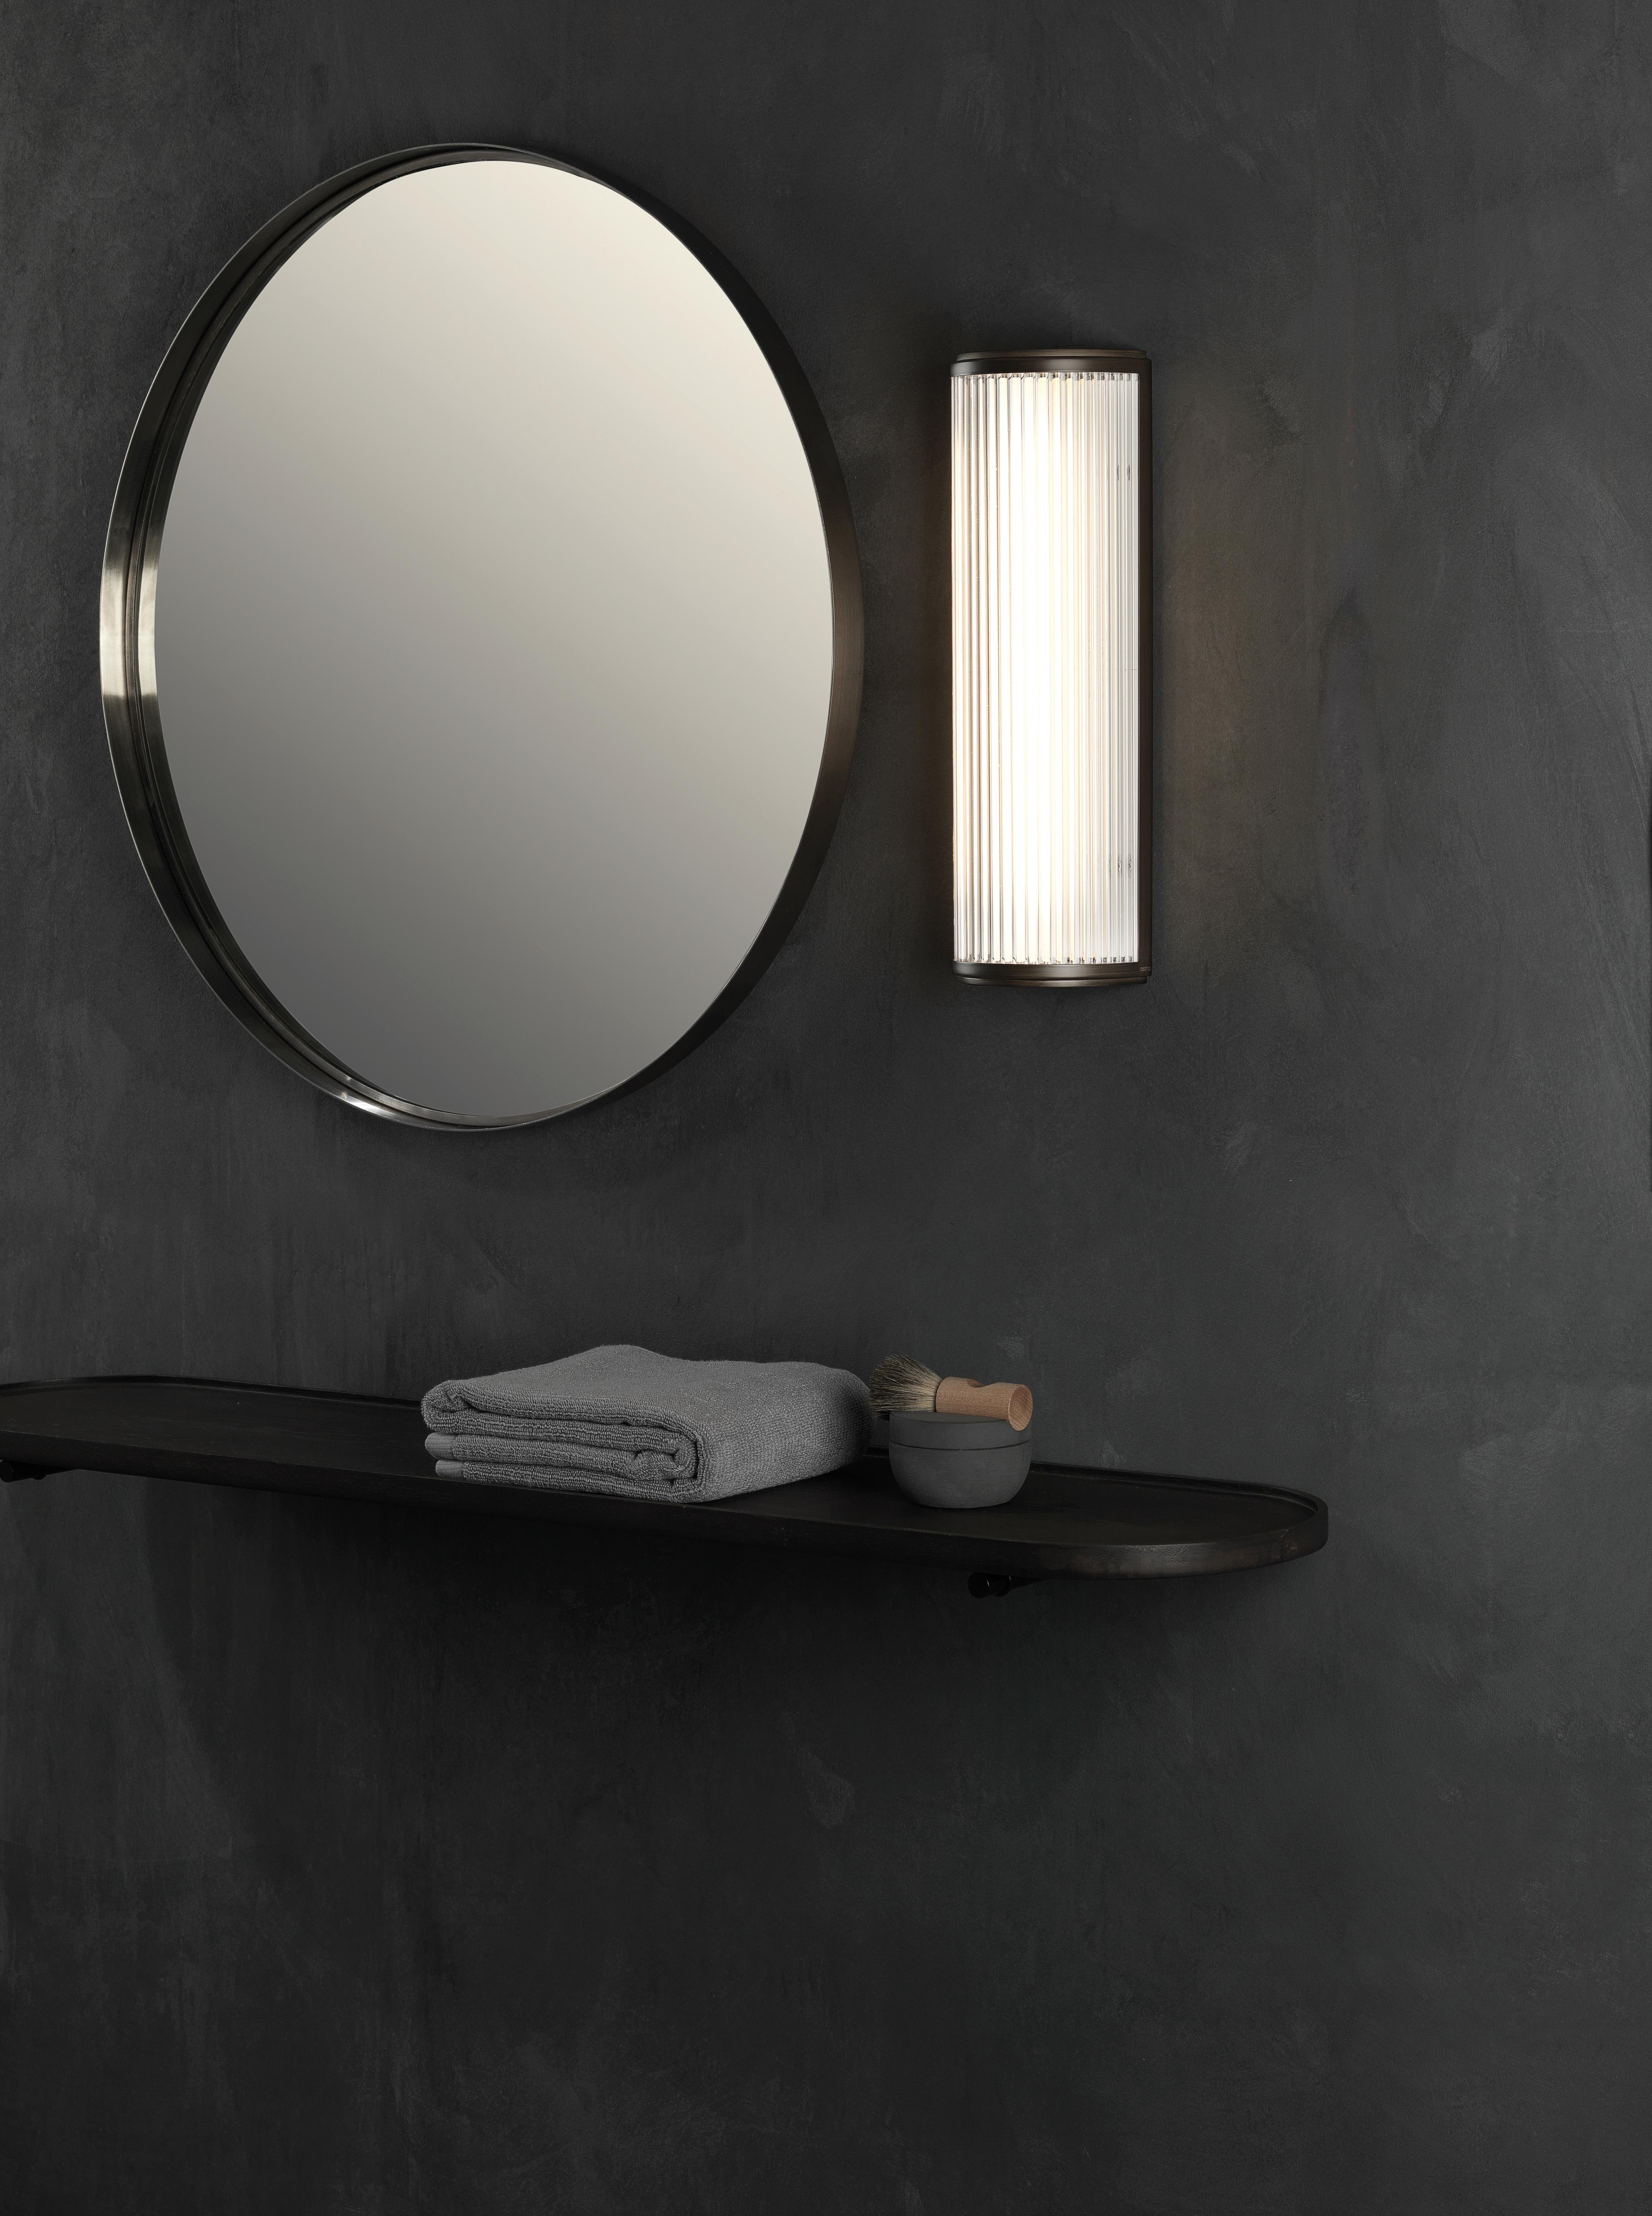 Настенный светодиодный светильник Astro Versailles 1380002 (7838), IP44, LED 7,3W 3000K 739.78lm CRI80, хром, стекло - фото 4